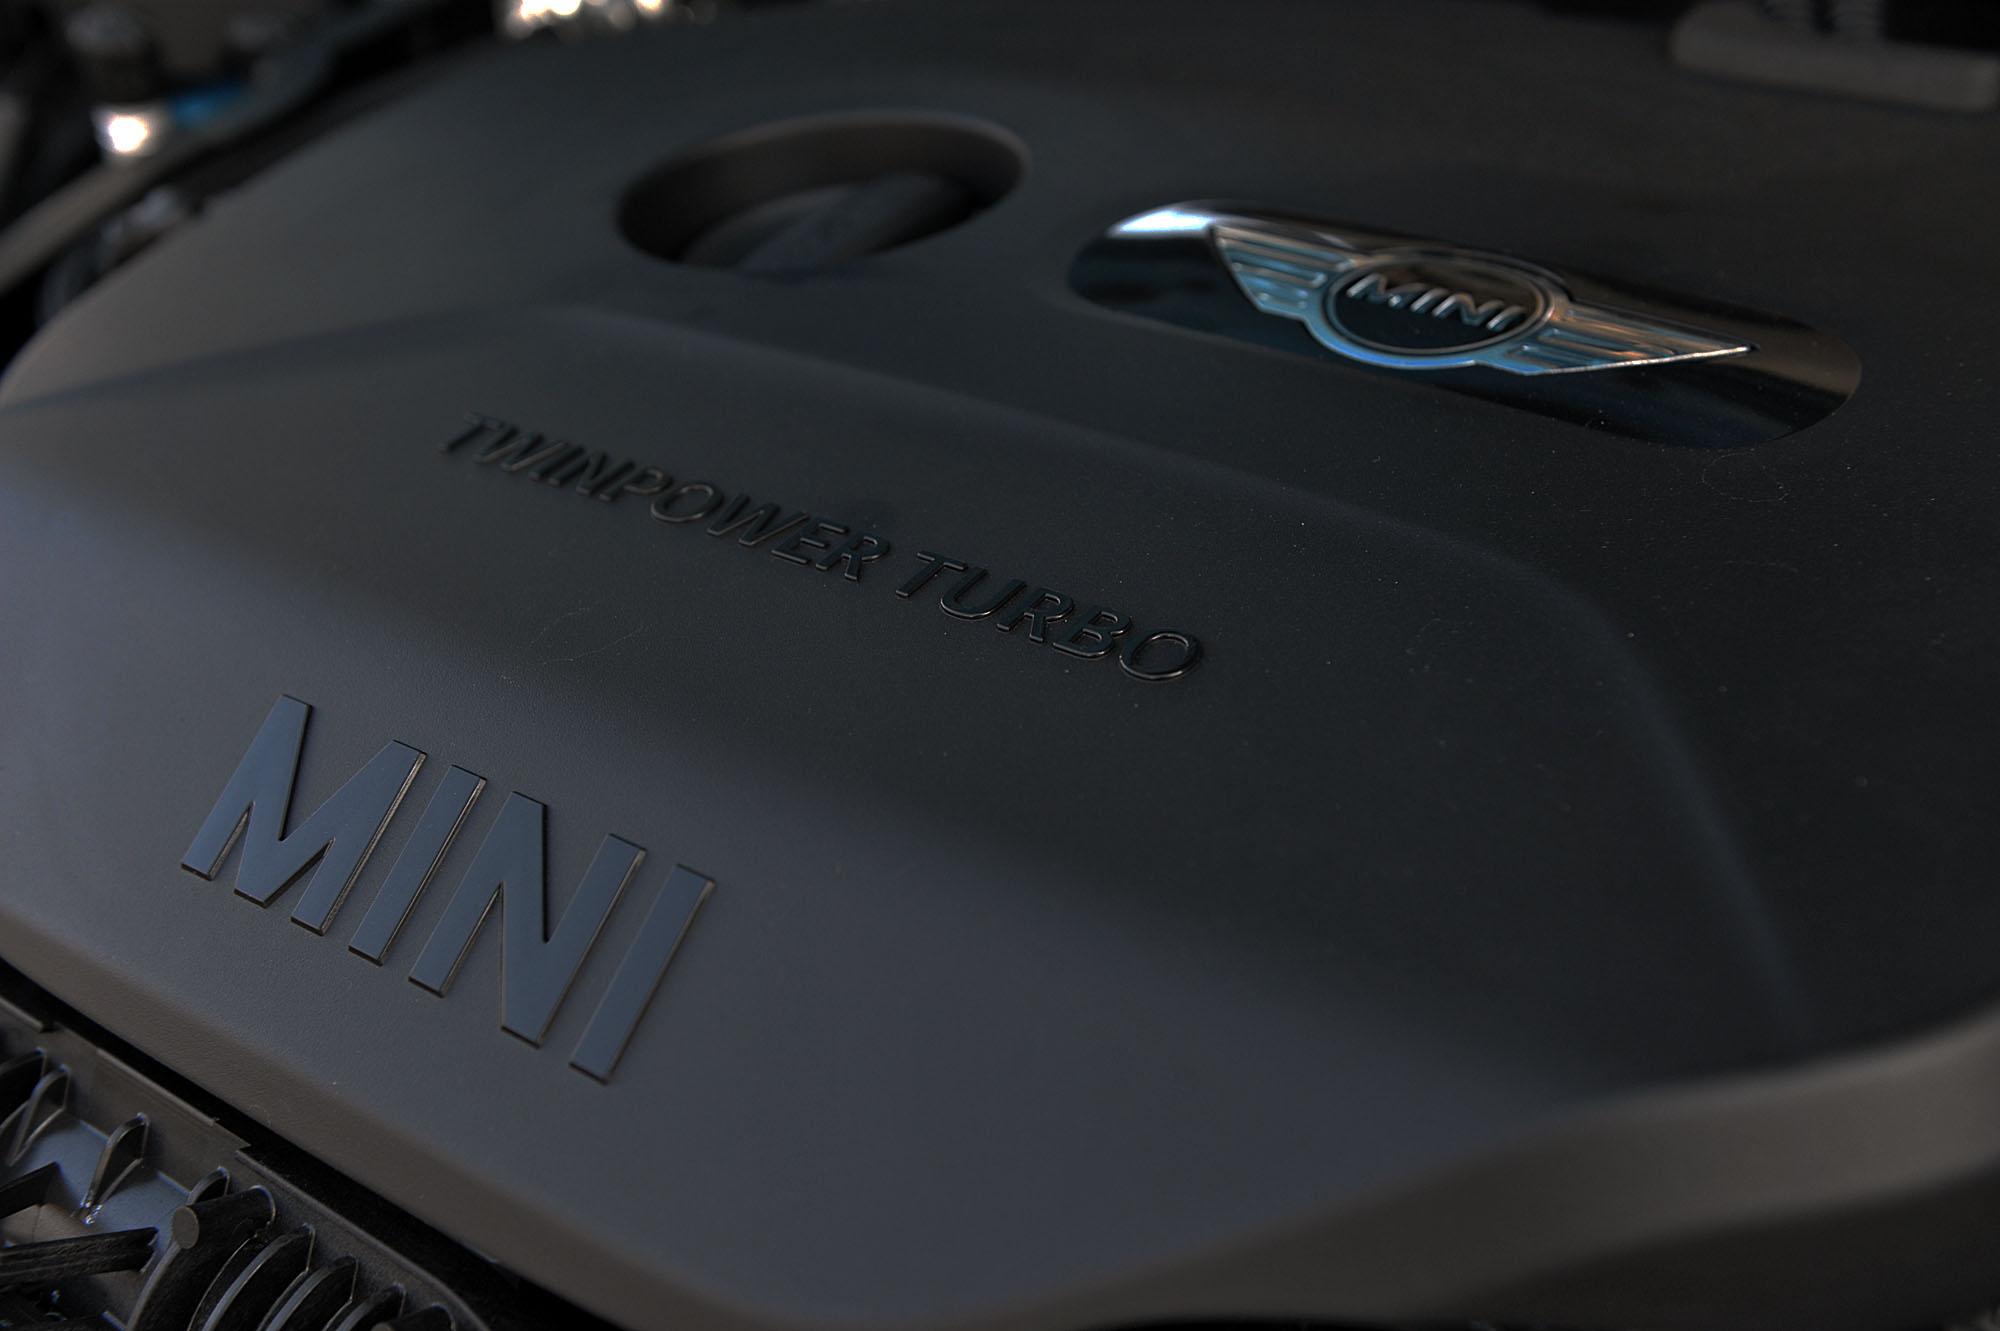 THE MINI cooperS/MINI cooper SD crossover